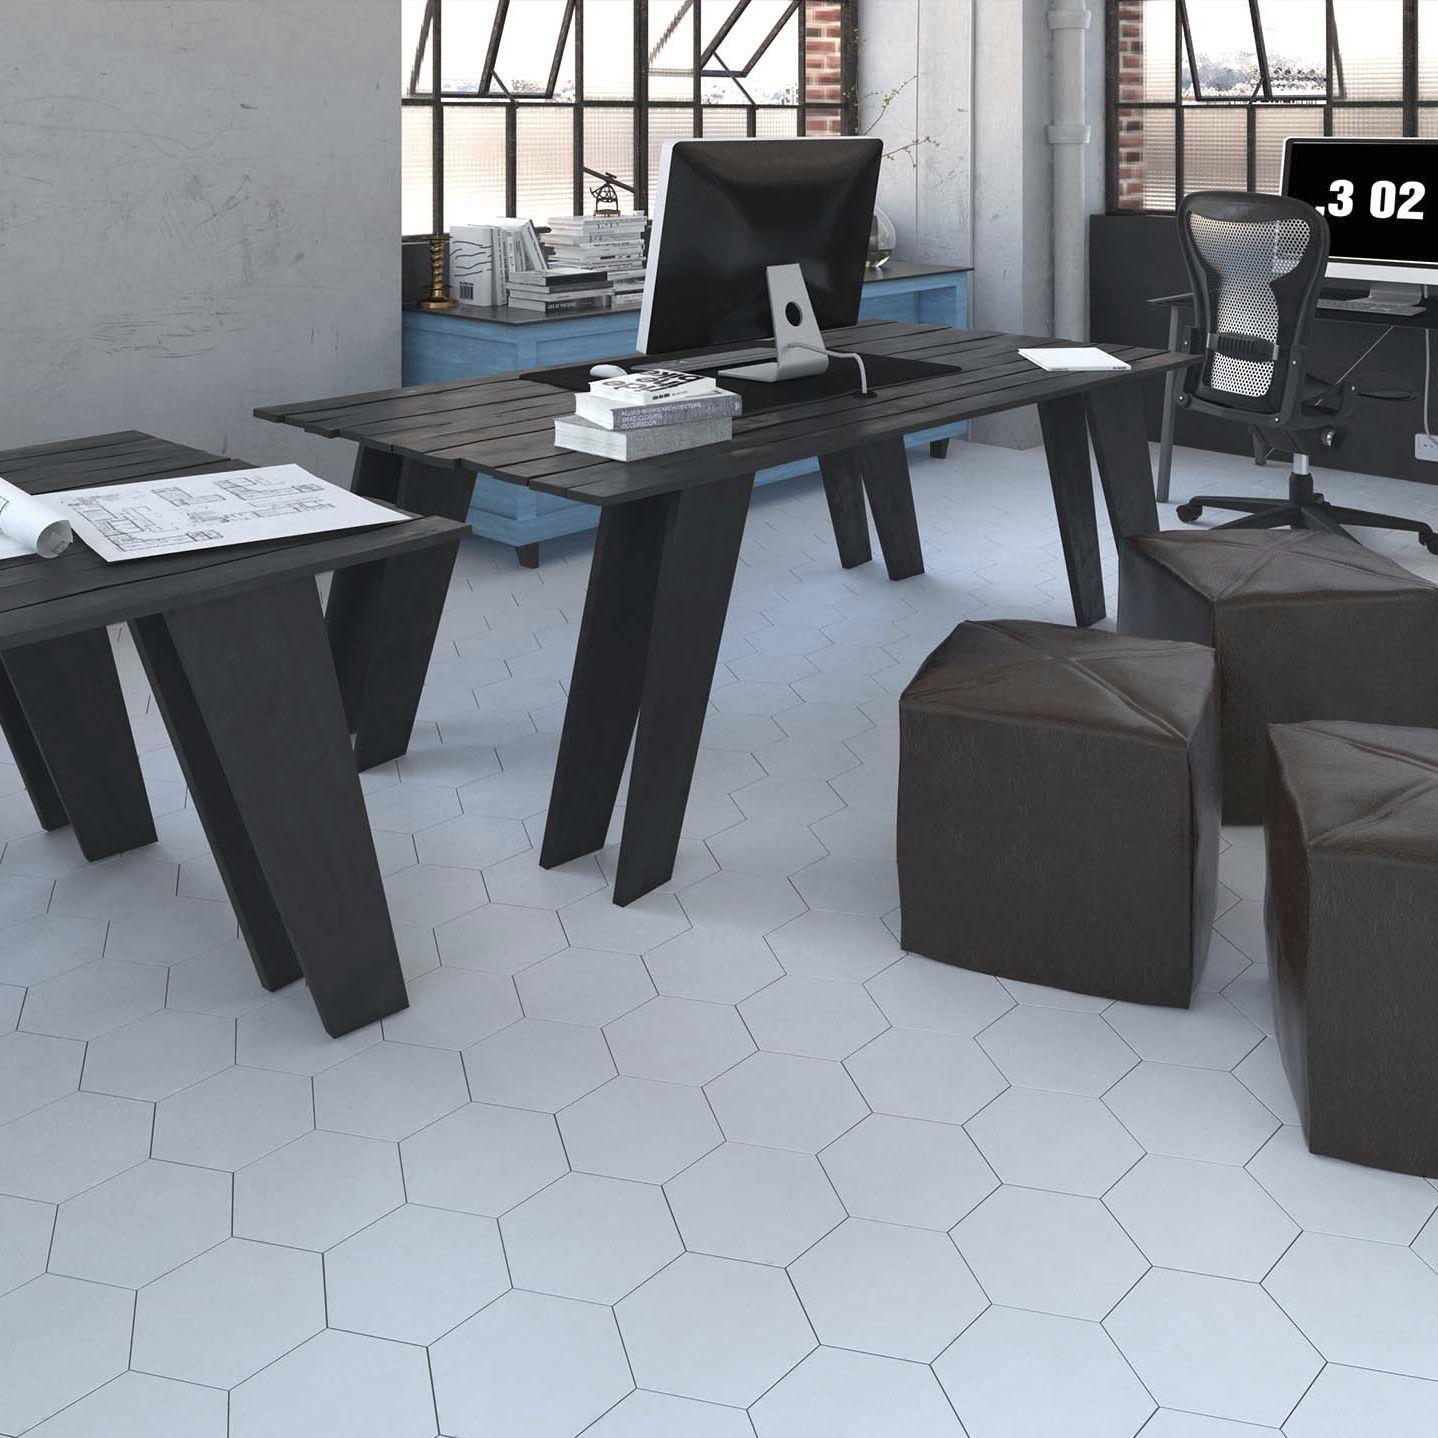 Indoor tile / floor / ceramic / plain - HEXA FLOOR - WOW Design EU